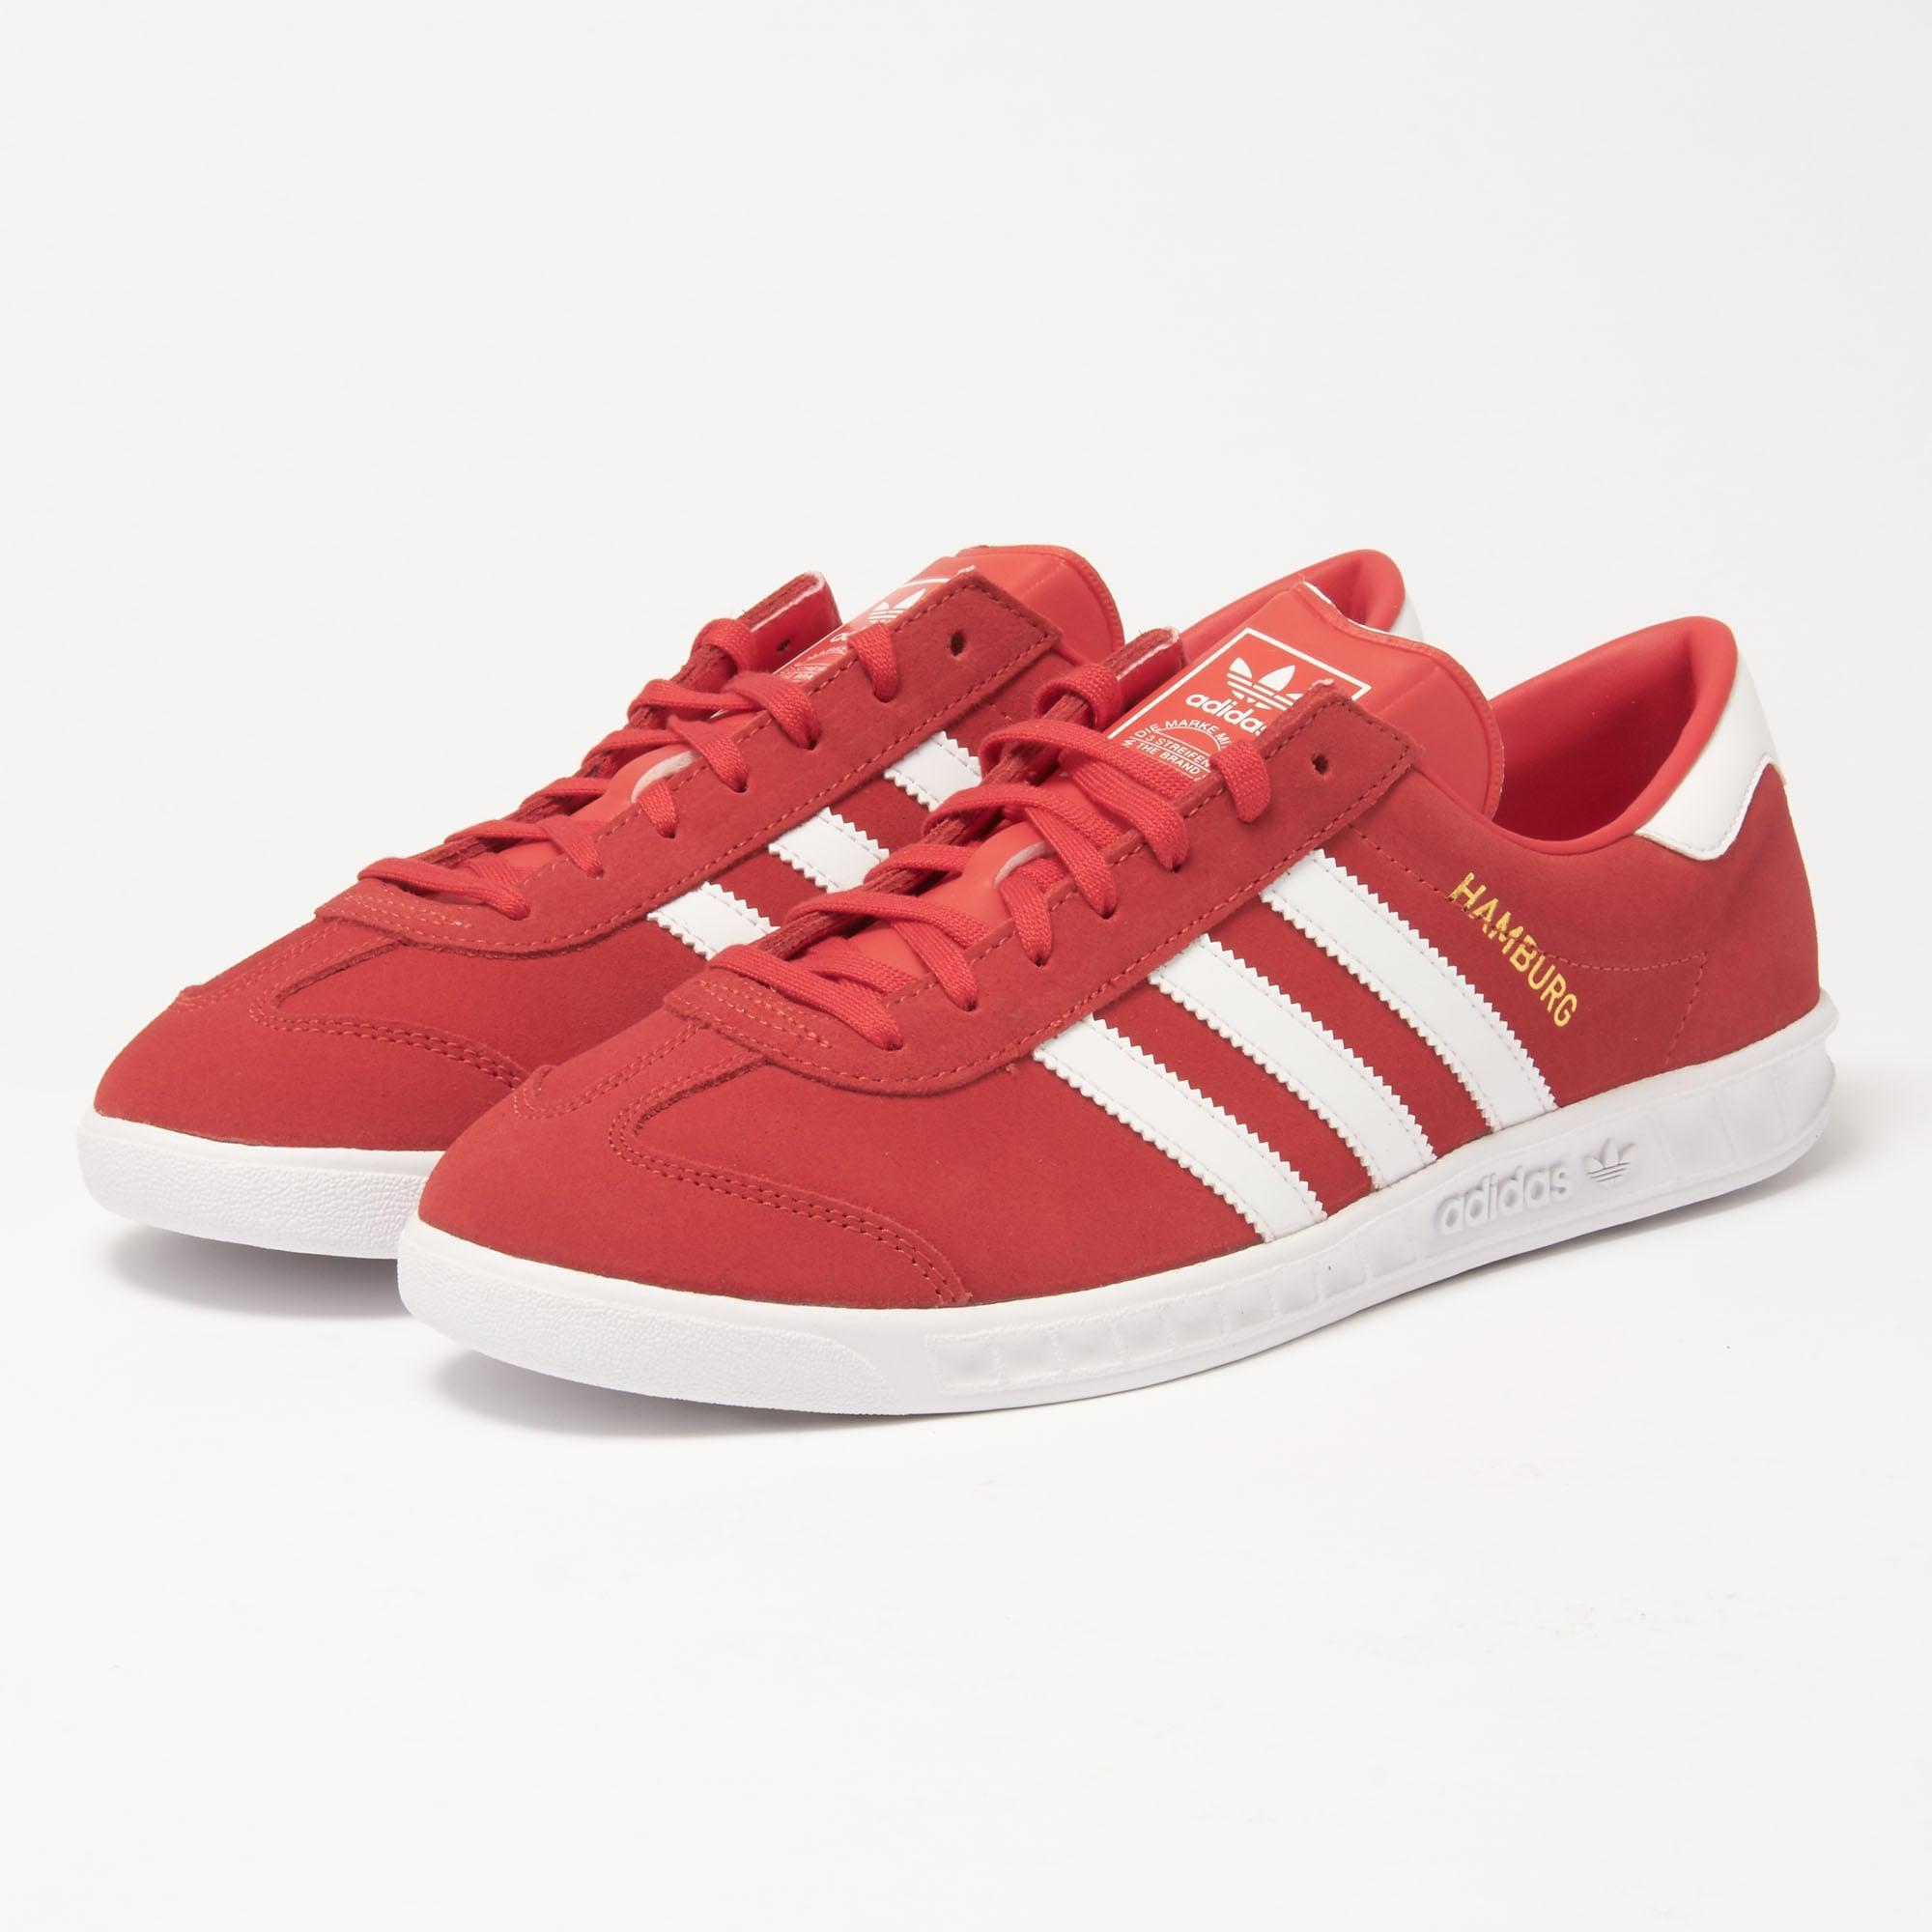 Adidas Originals Adidas Hamburgo zapatillas rojas en rojo para hombres salvar